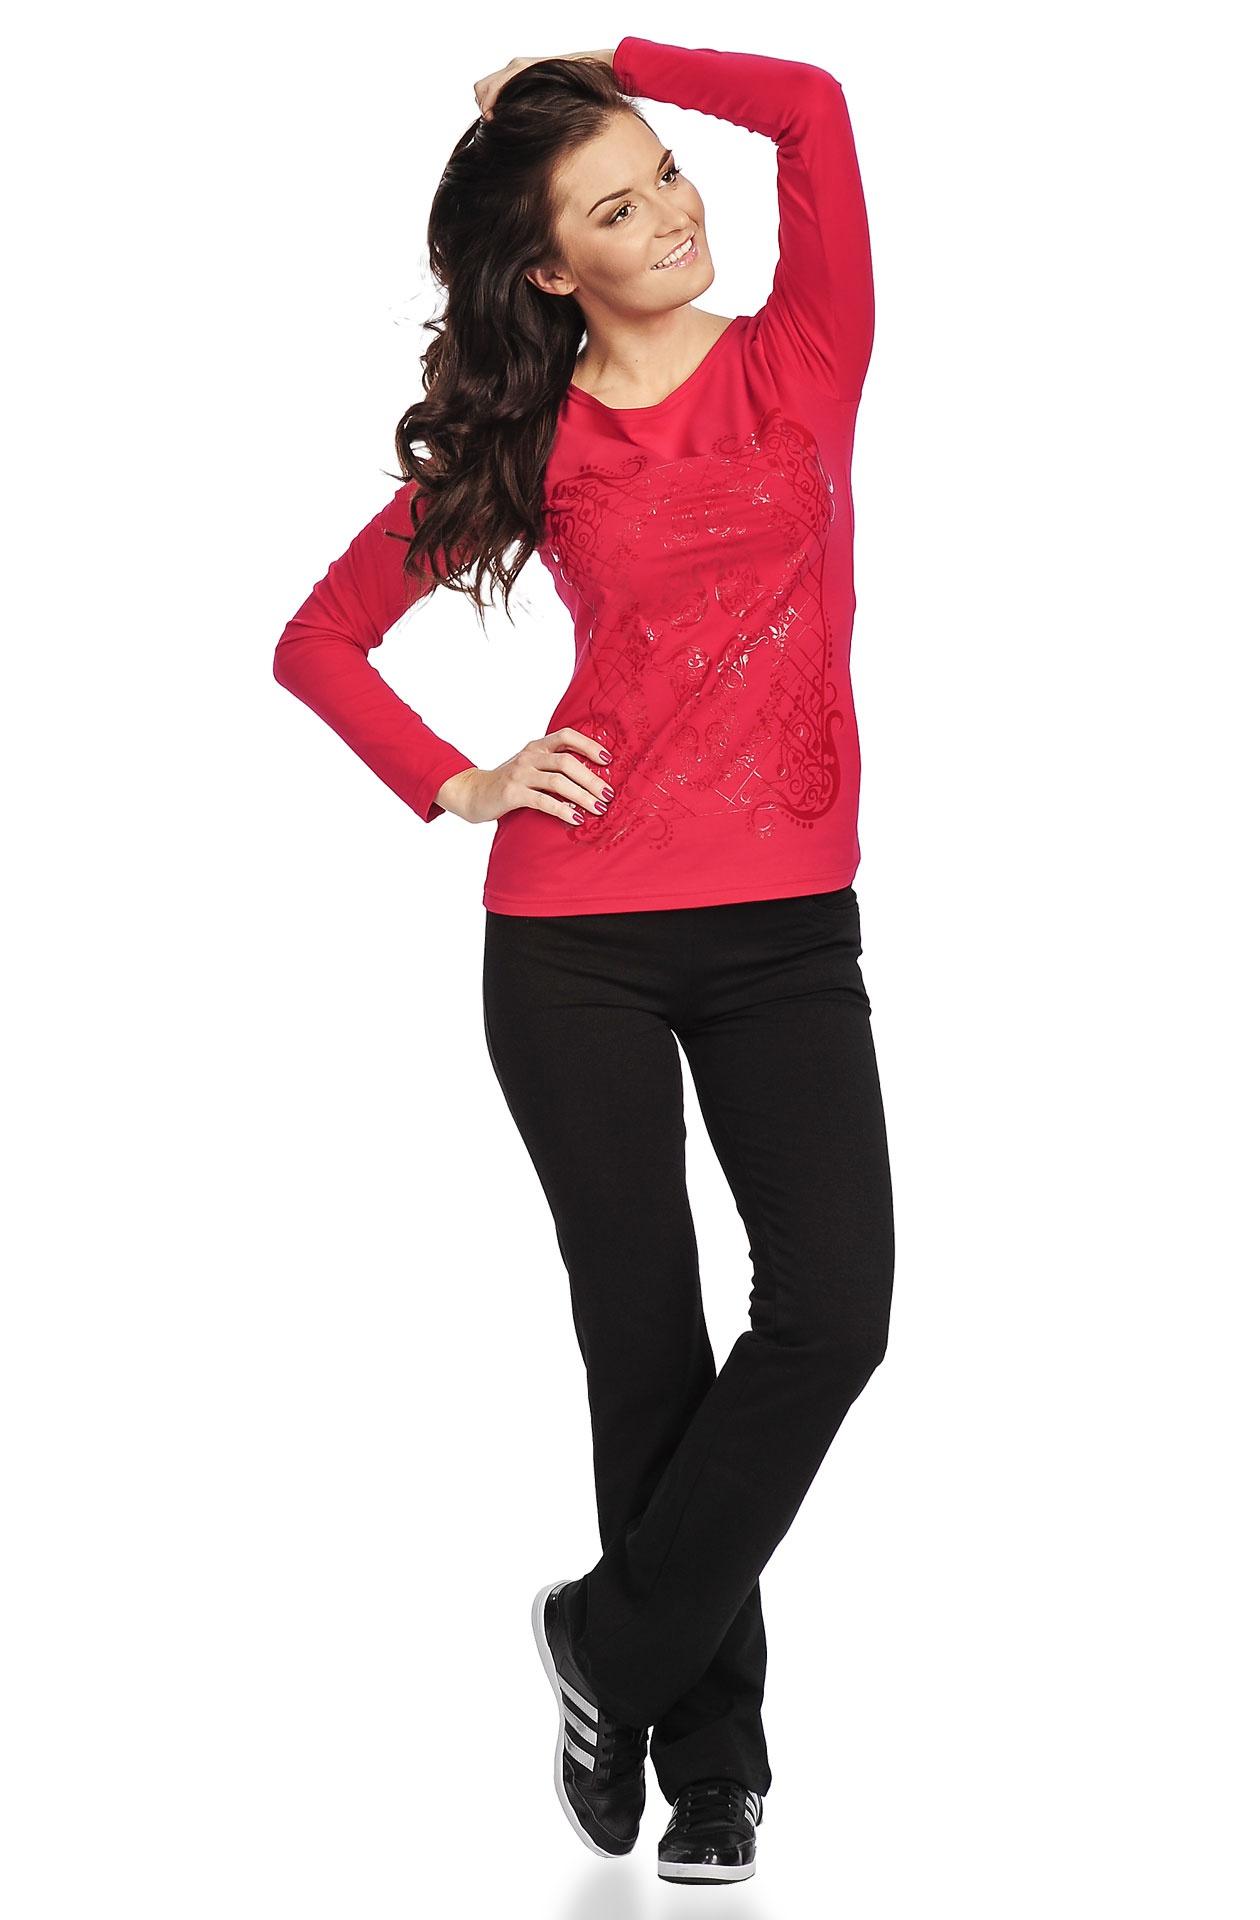 Sportovní kalhoty dámské Draps 349 Velikost: XS